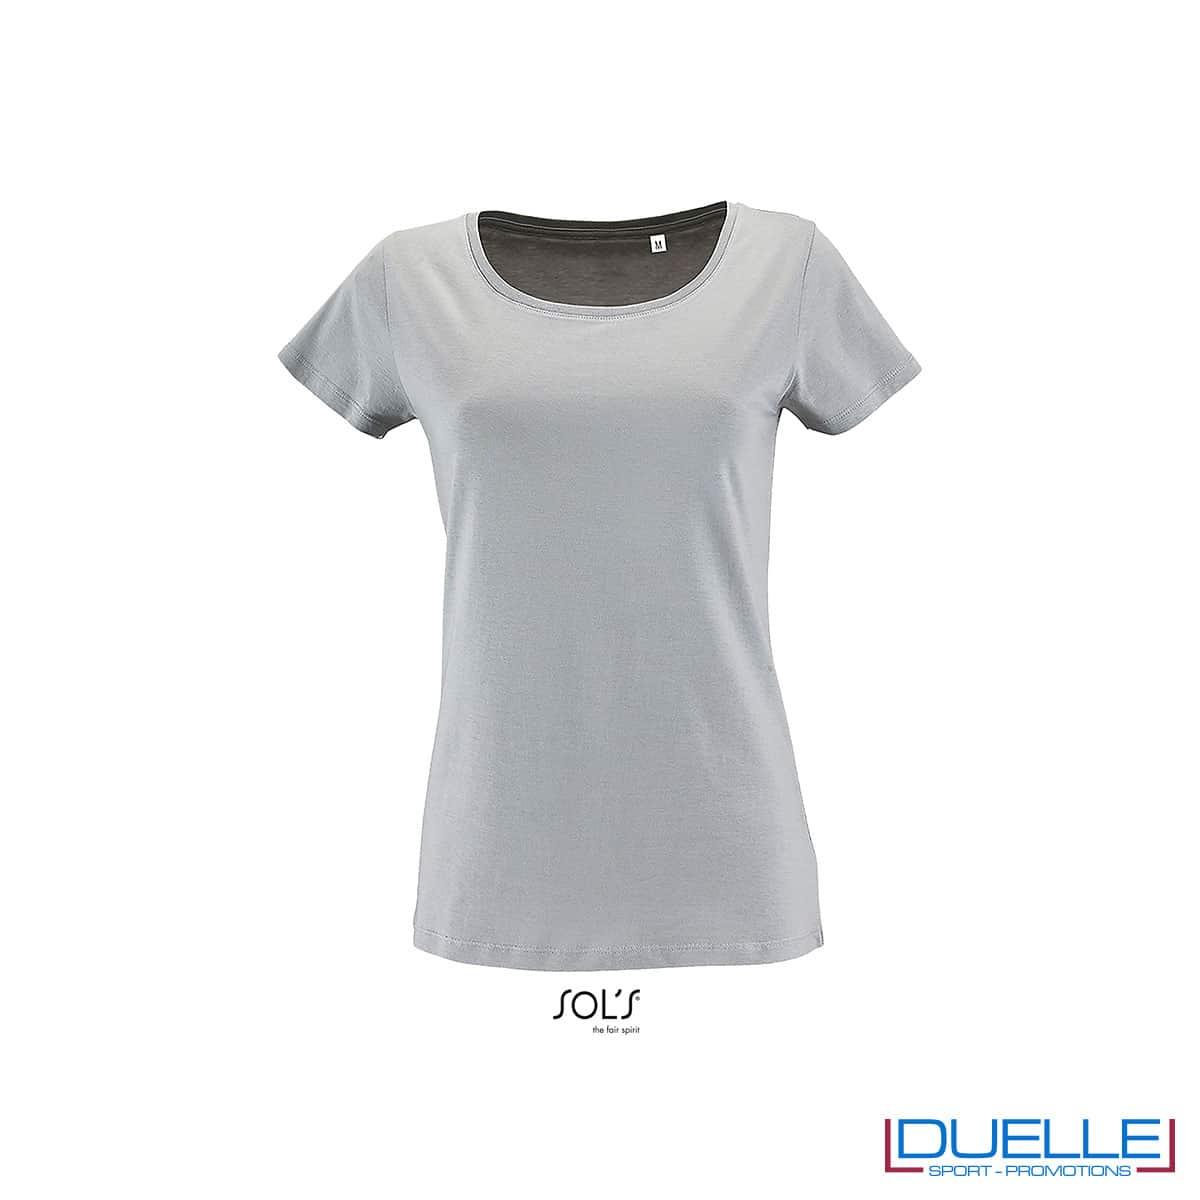 t-shirt donna grigio jersey